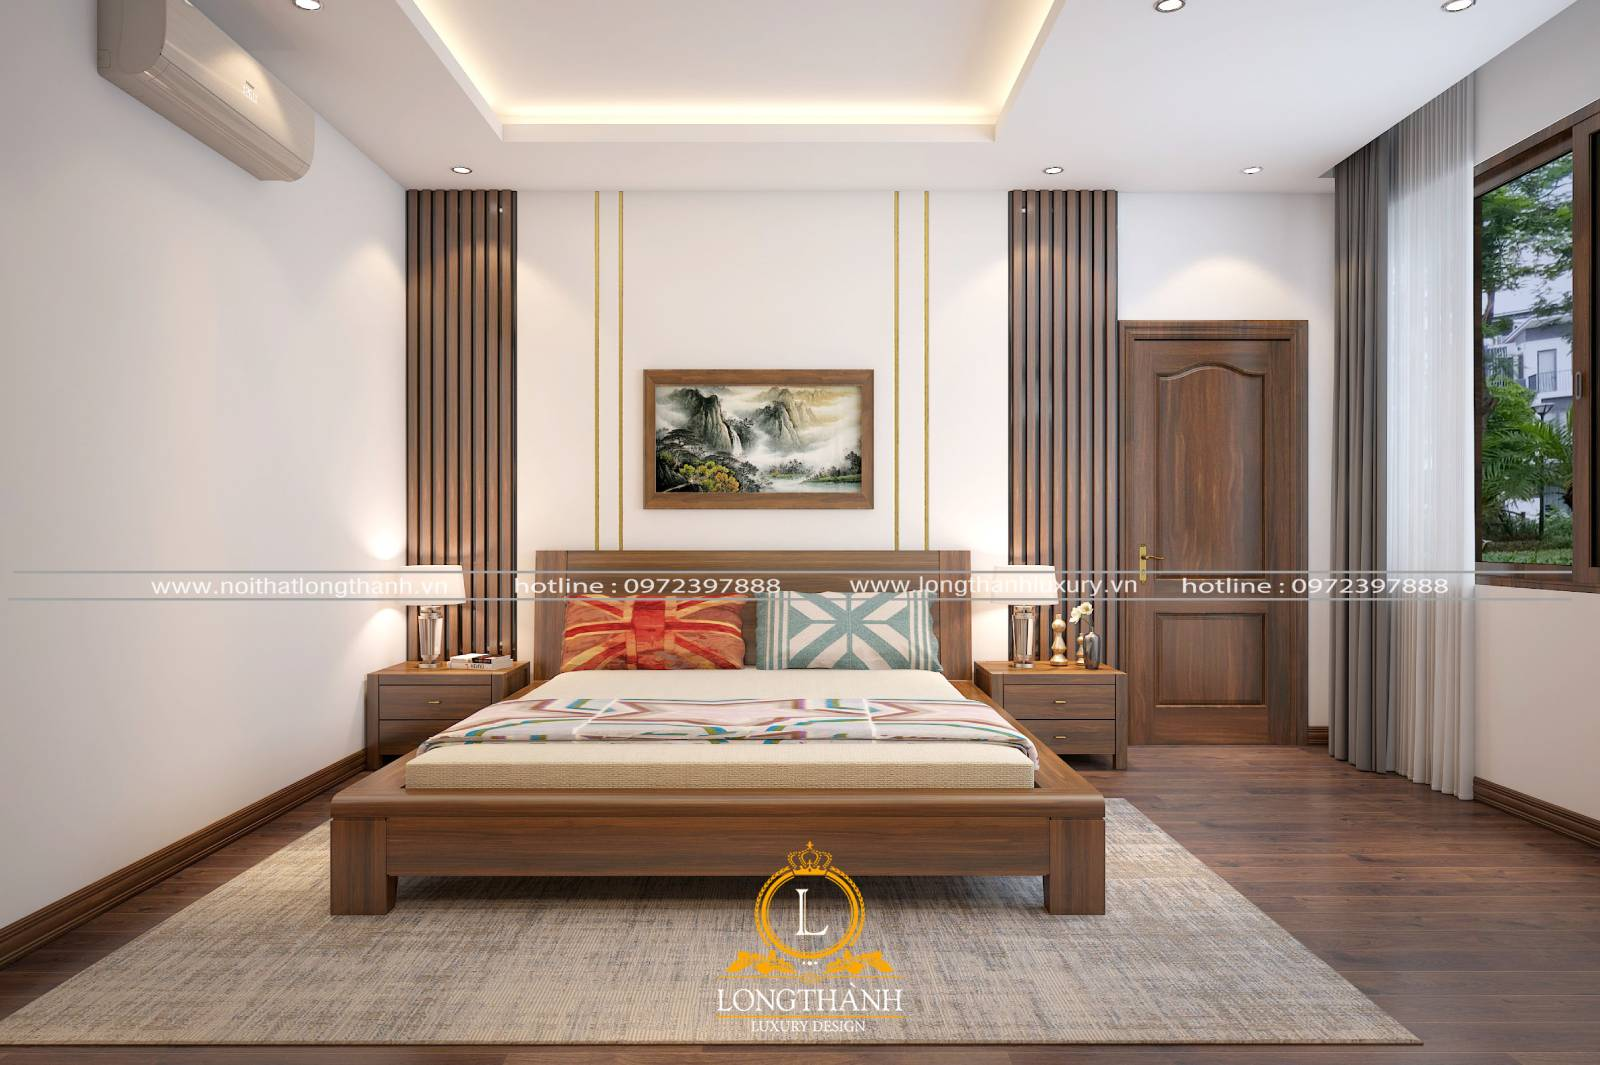 Cửa phòng ngủ tân cổ điển được làm từ gỗ hương cao cấp